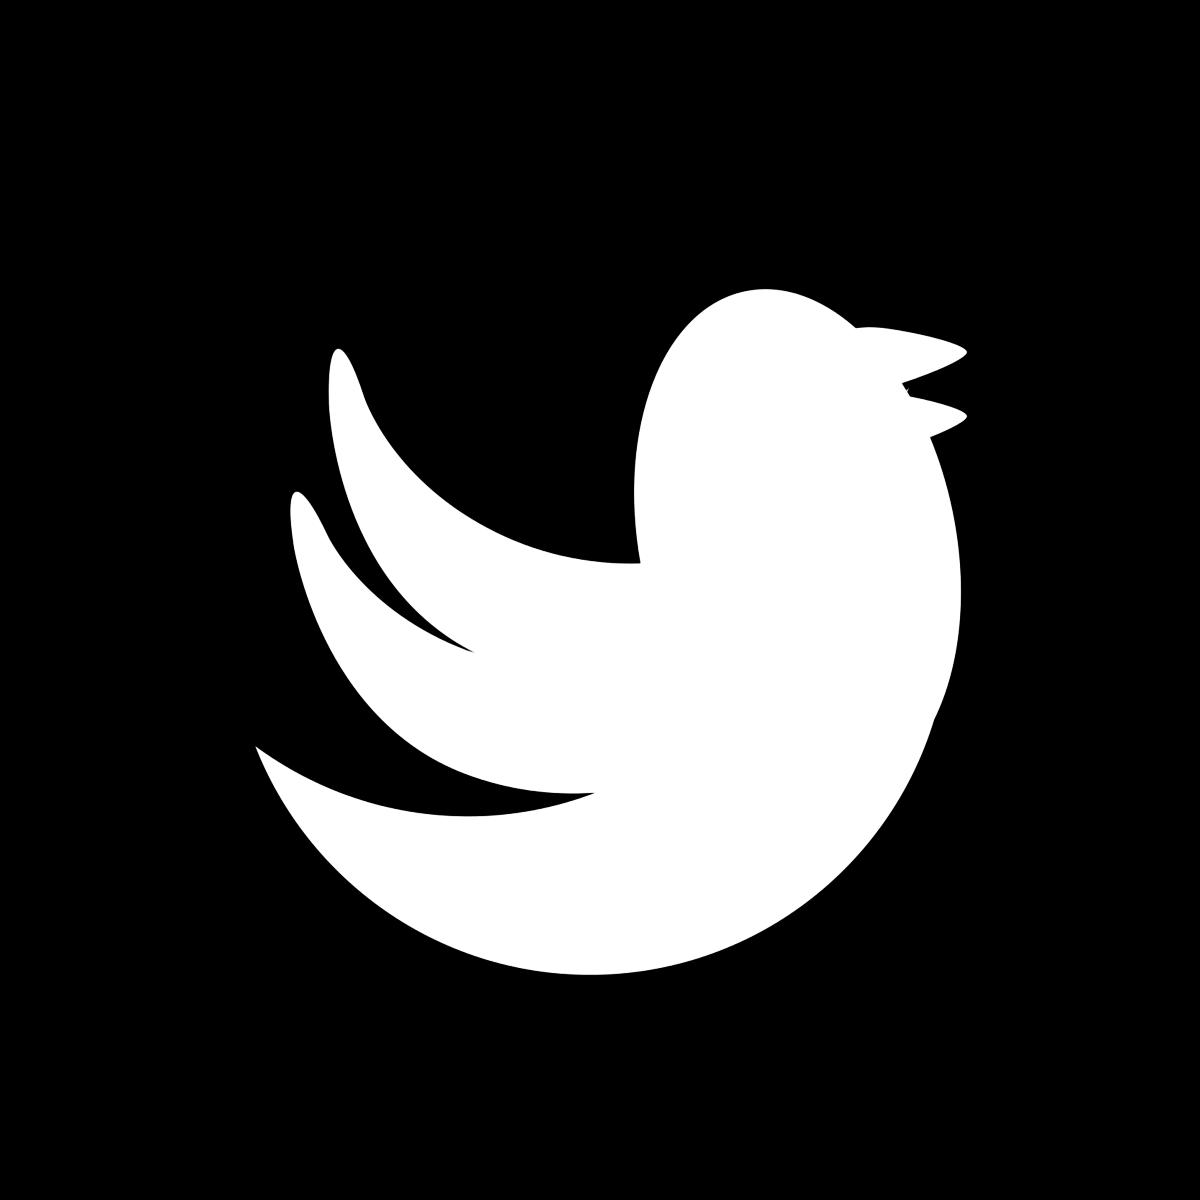 Twitter : @emmysdesign